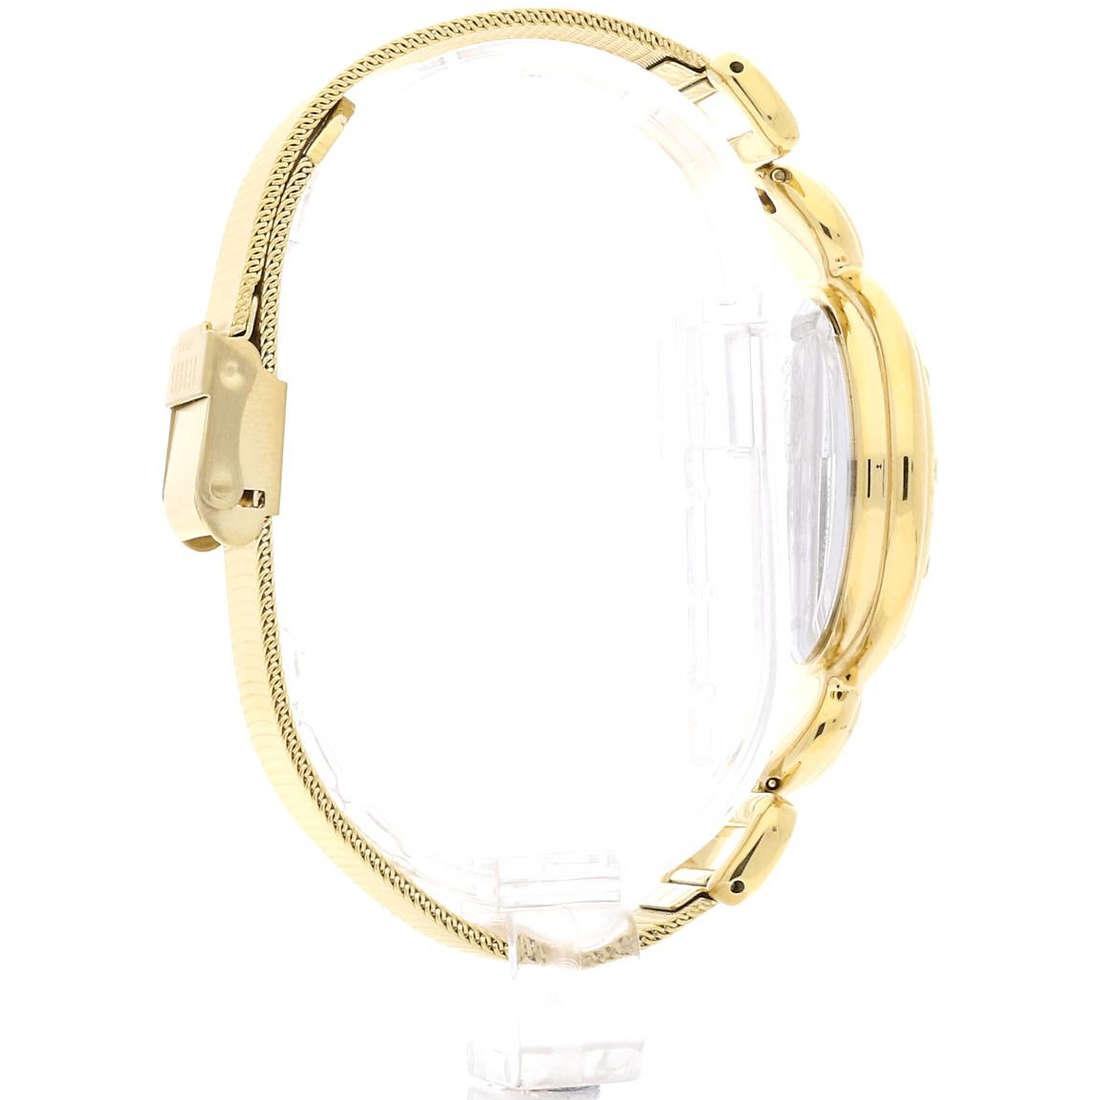 acquista montres femme Versus SOL090016